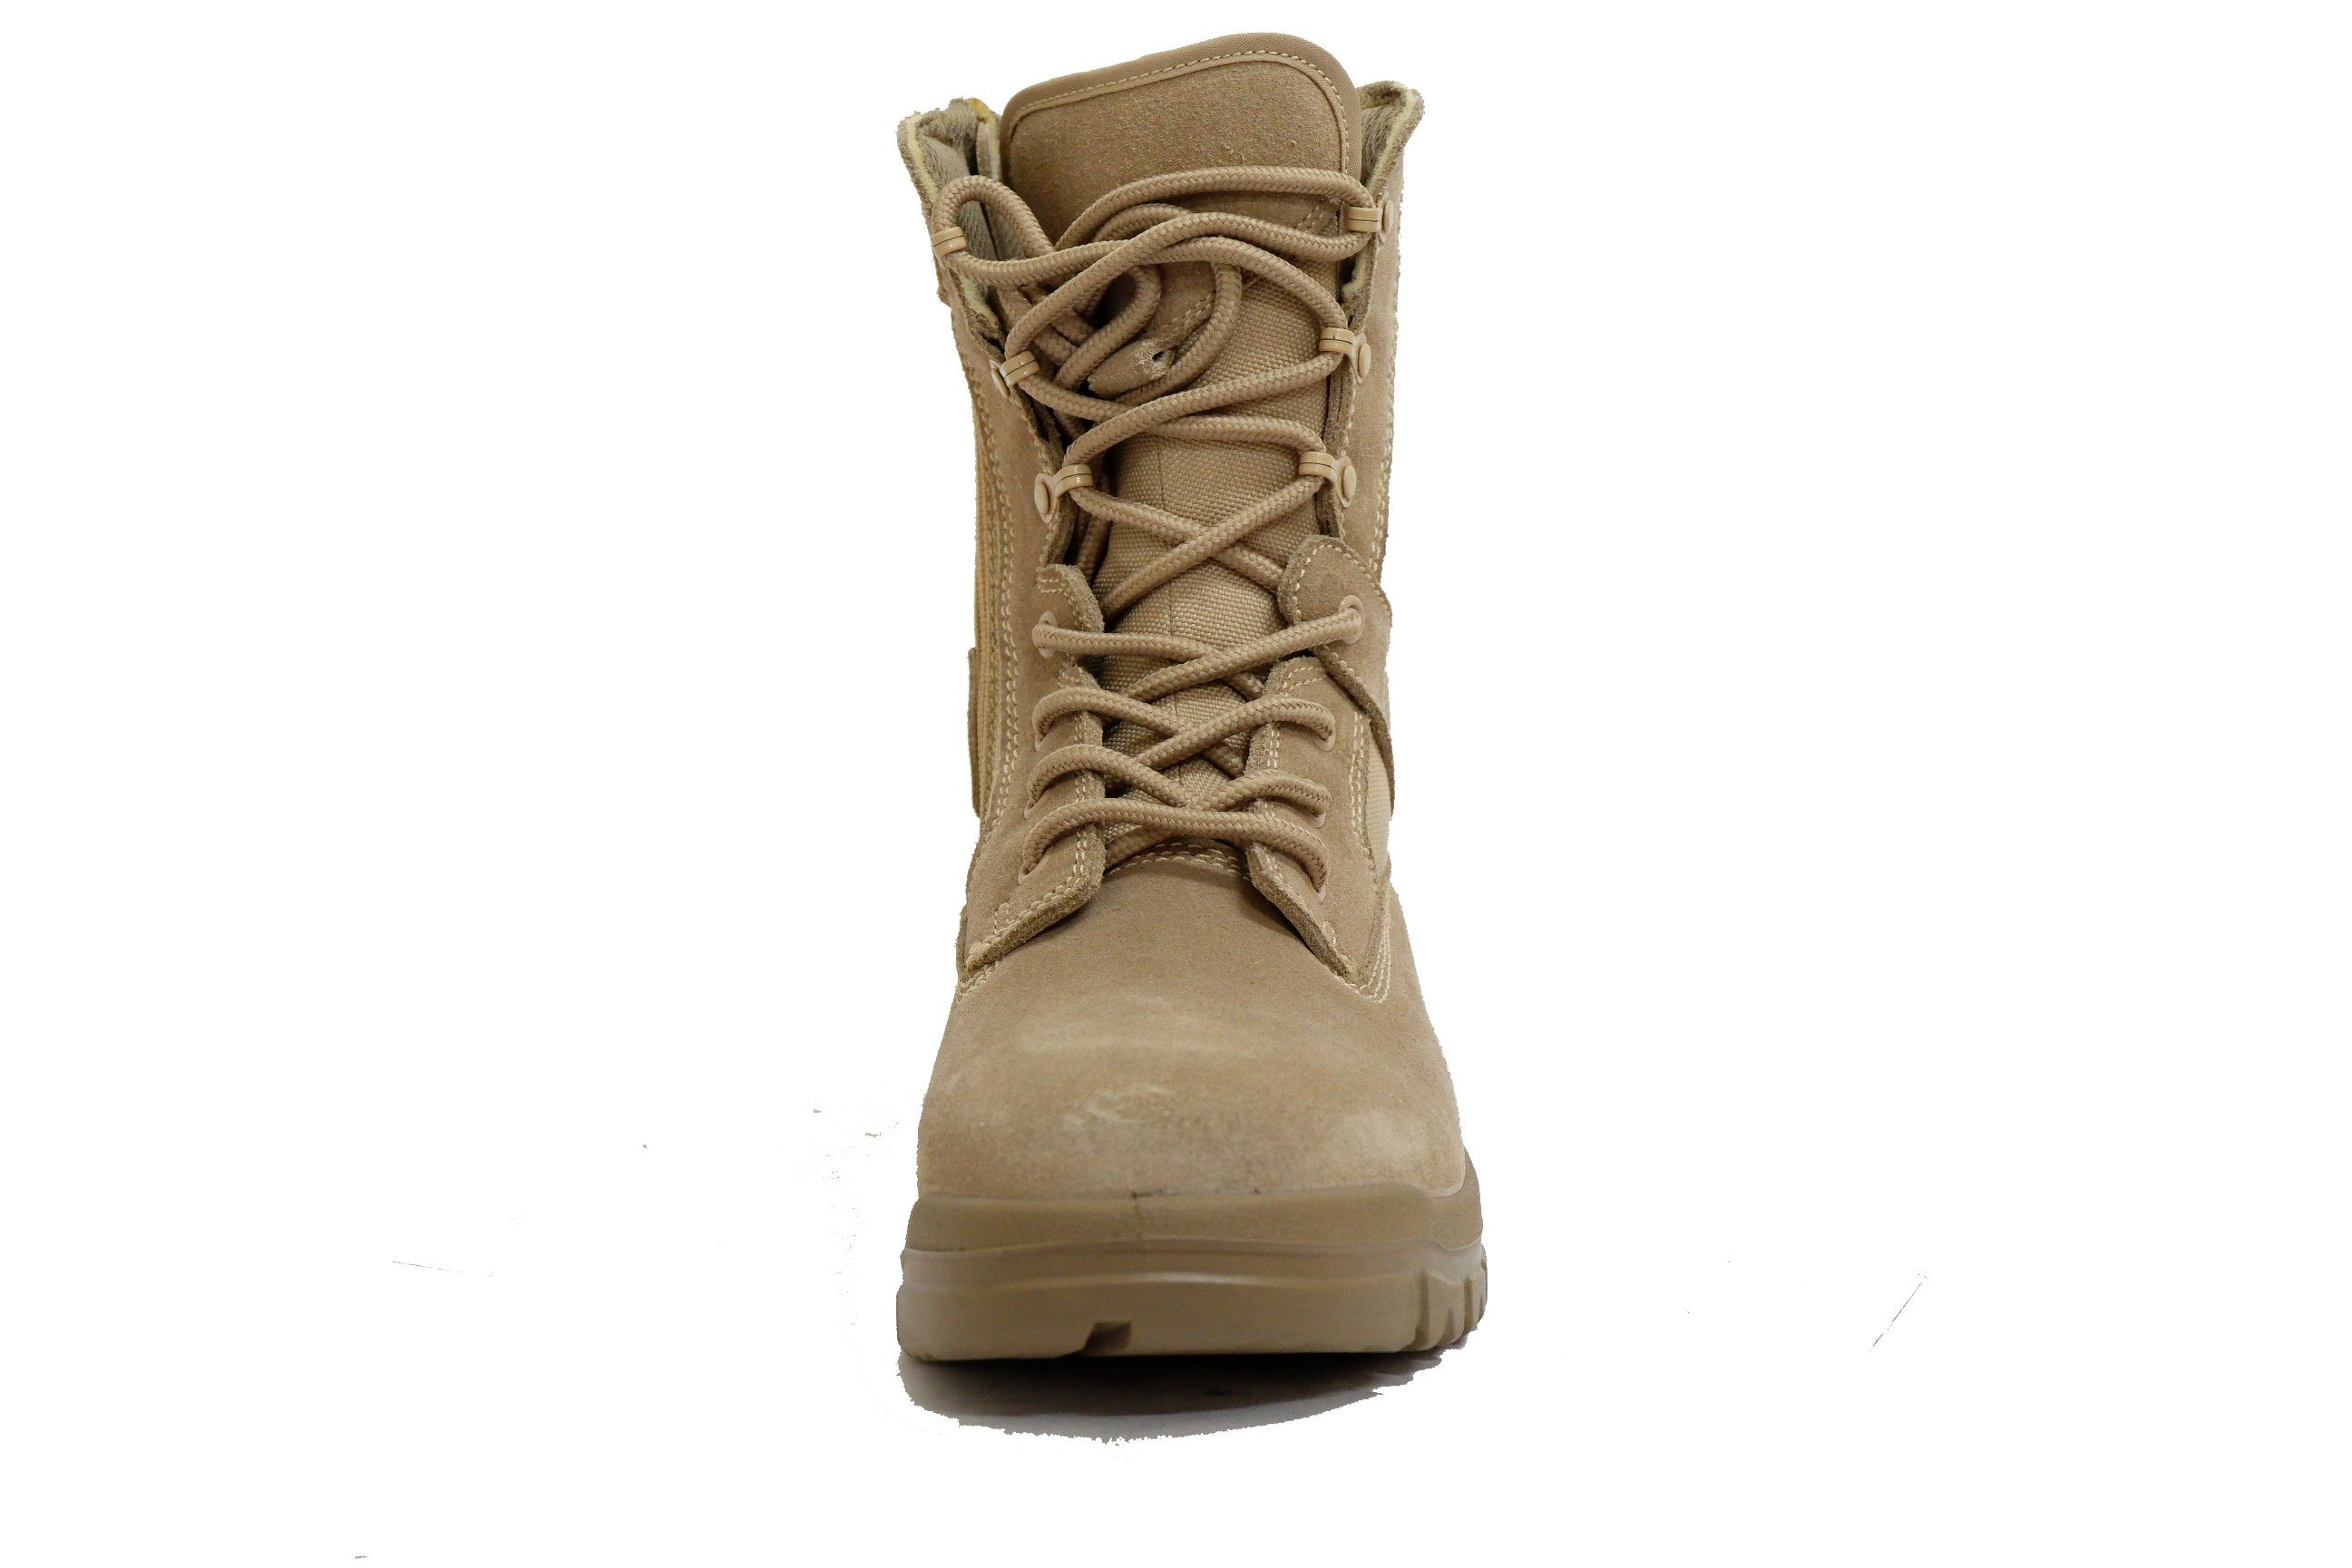 high top desert boots